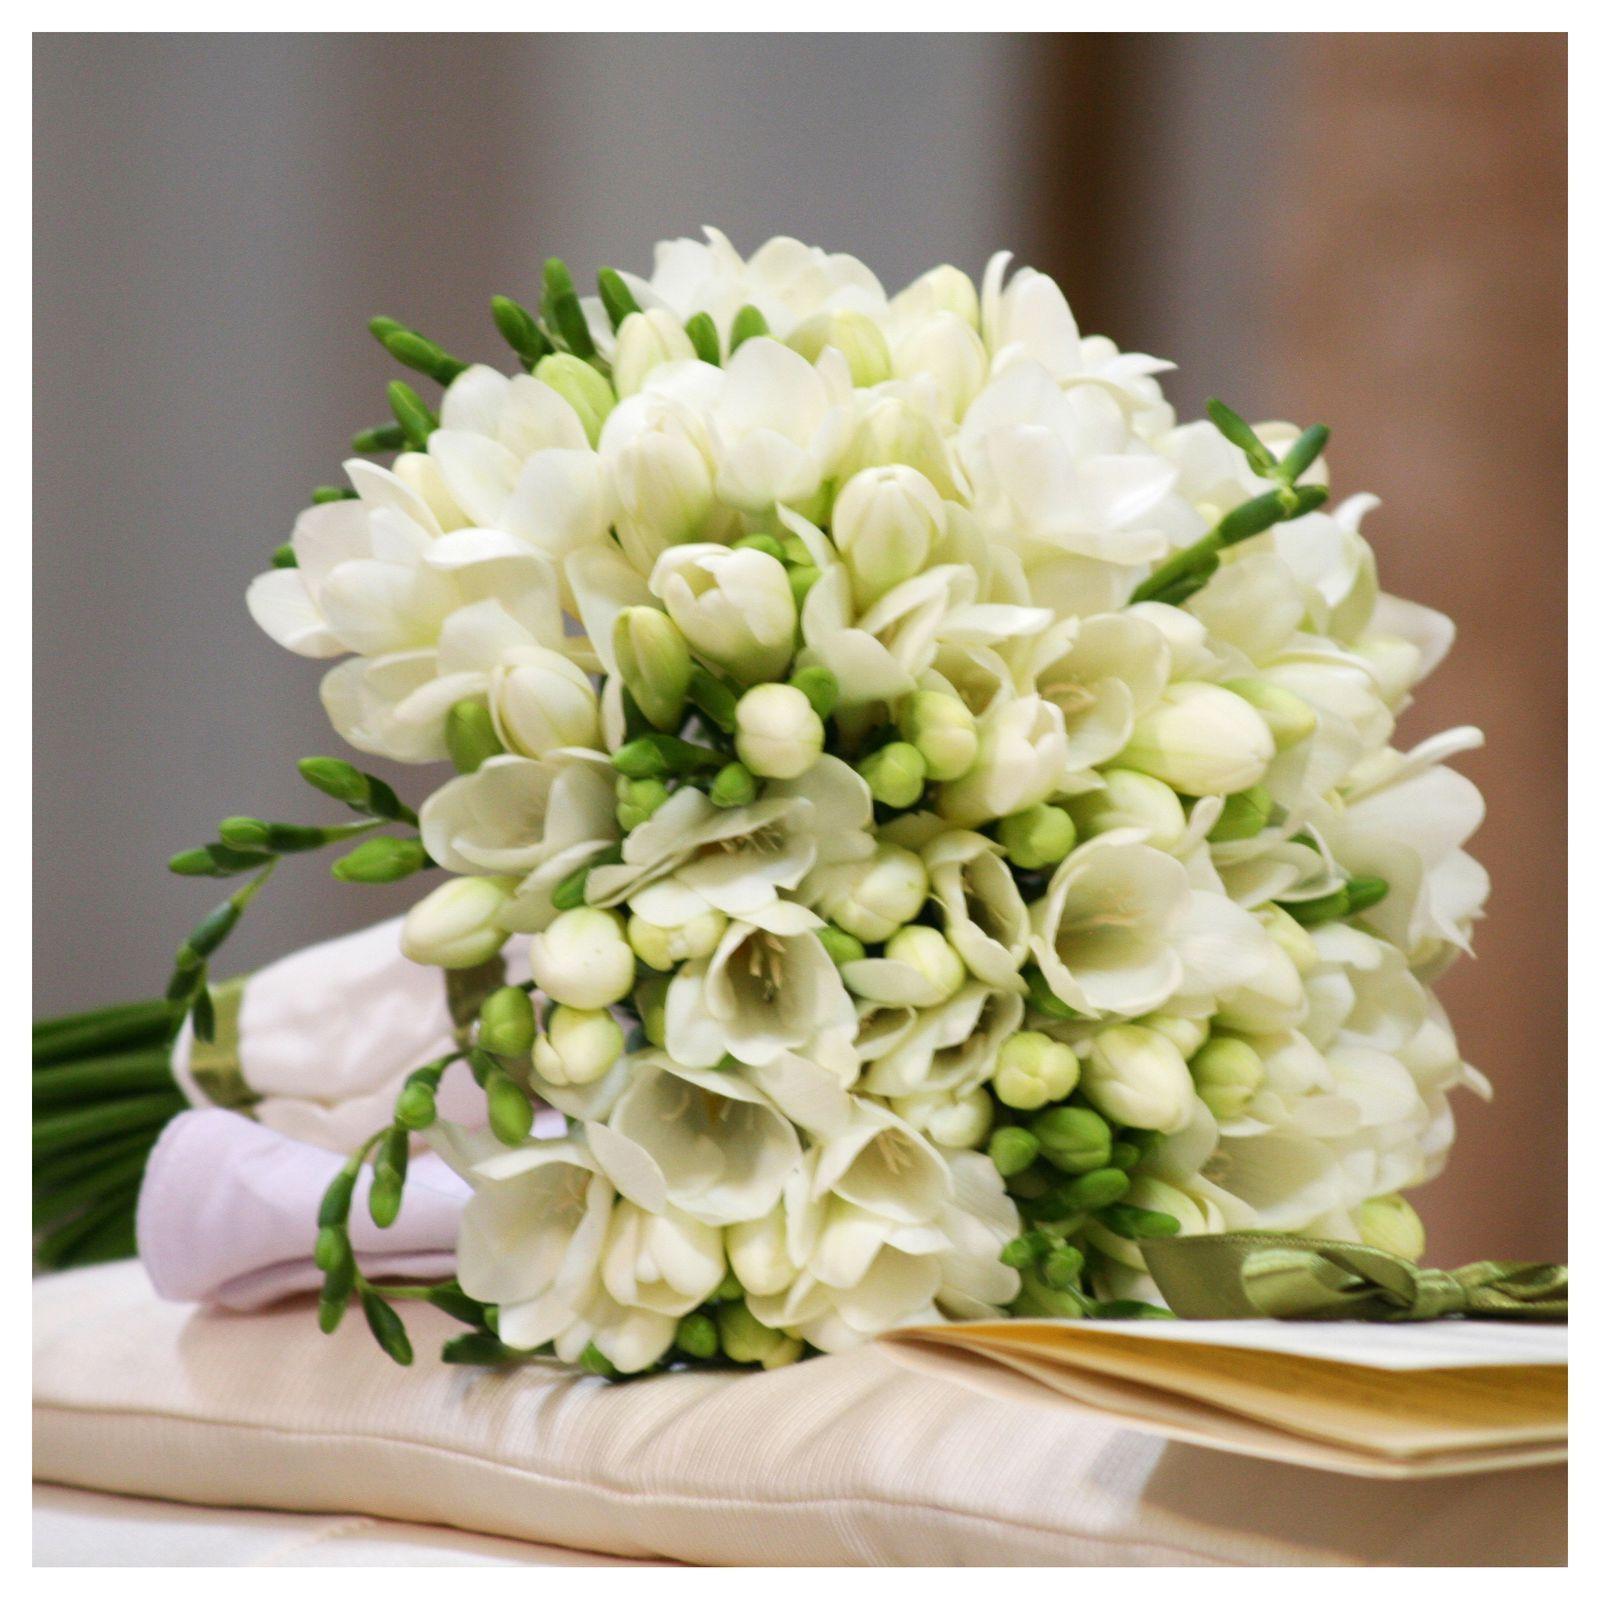 Bouquet Sposa Giugno.Sapevate Che Ogni Mese Ha Il Suo Bouquet Da Sposa Questi Sono I